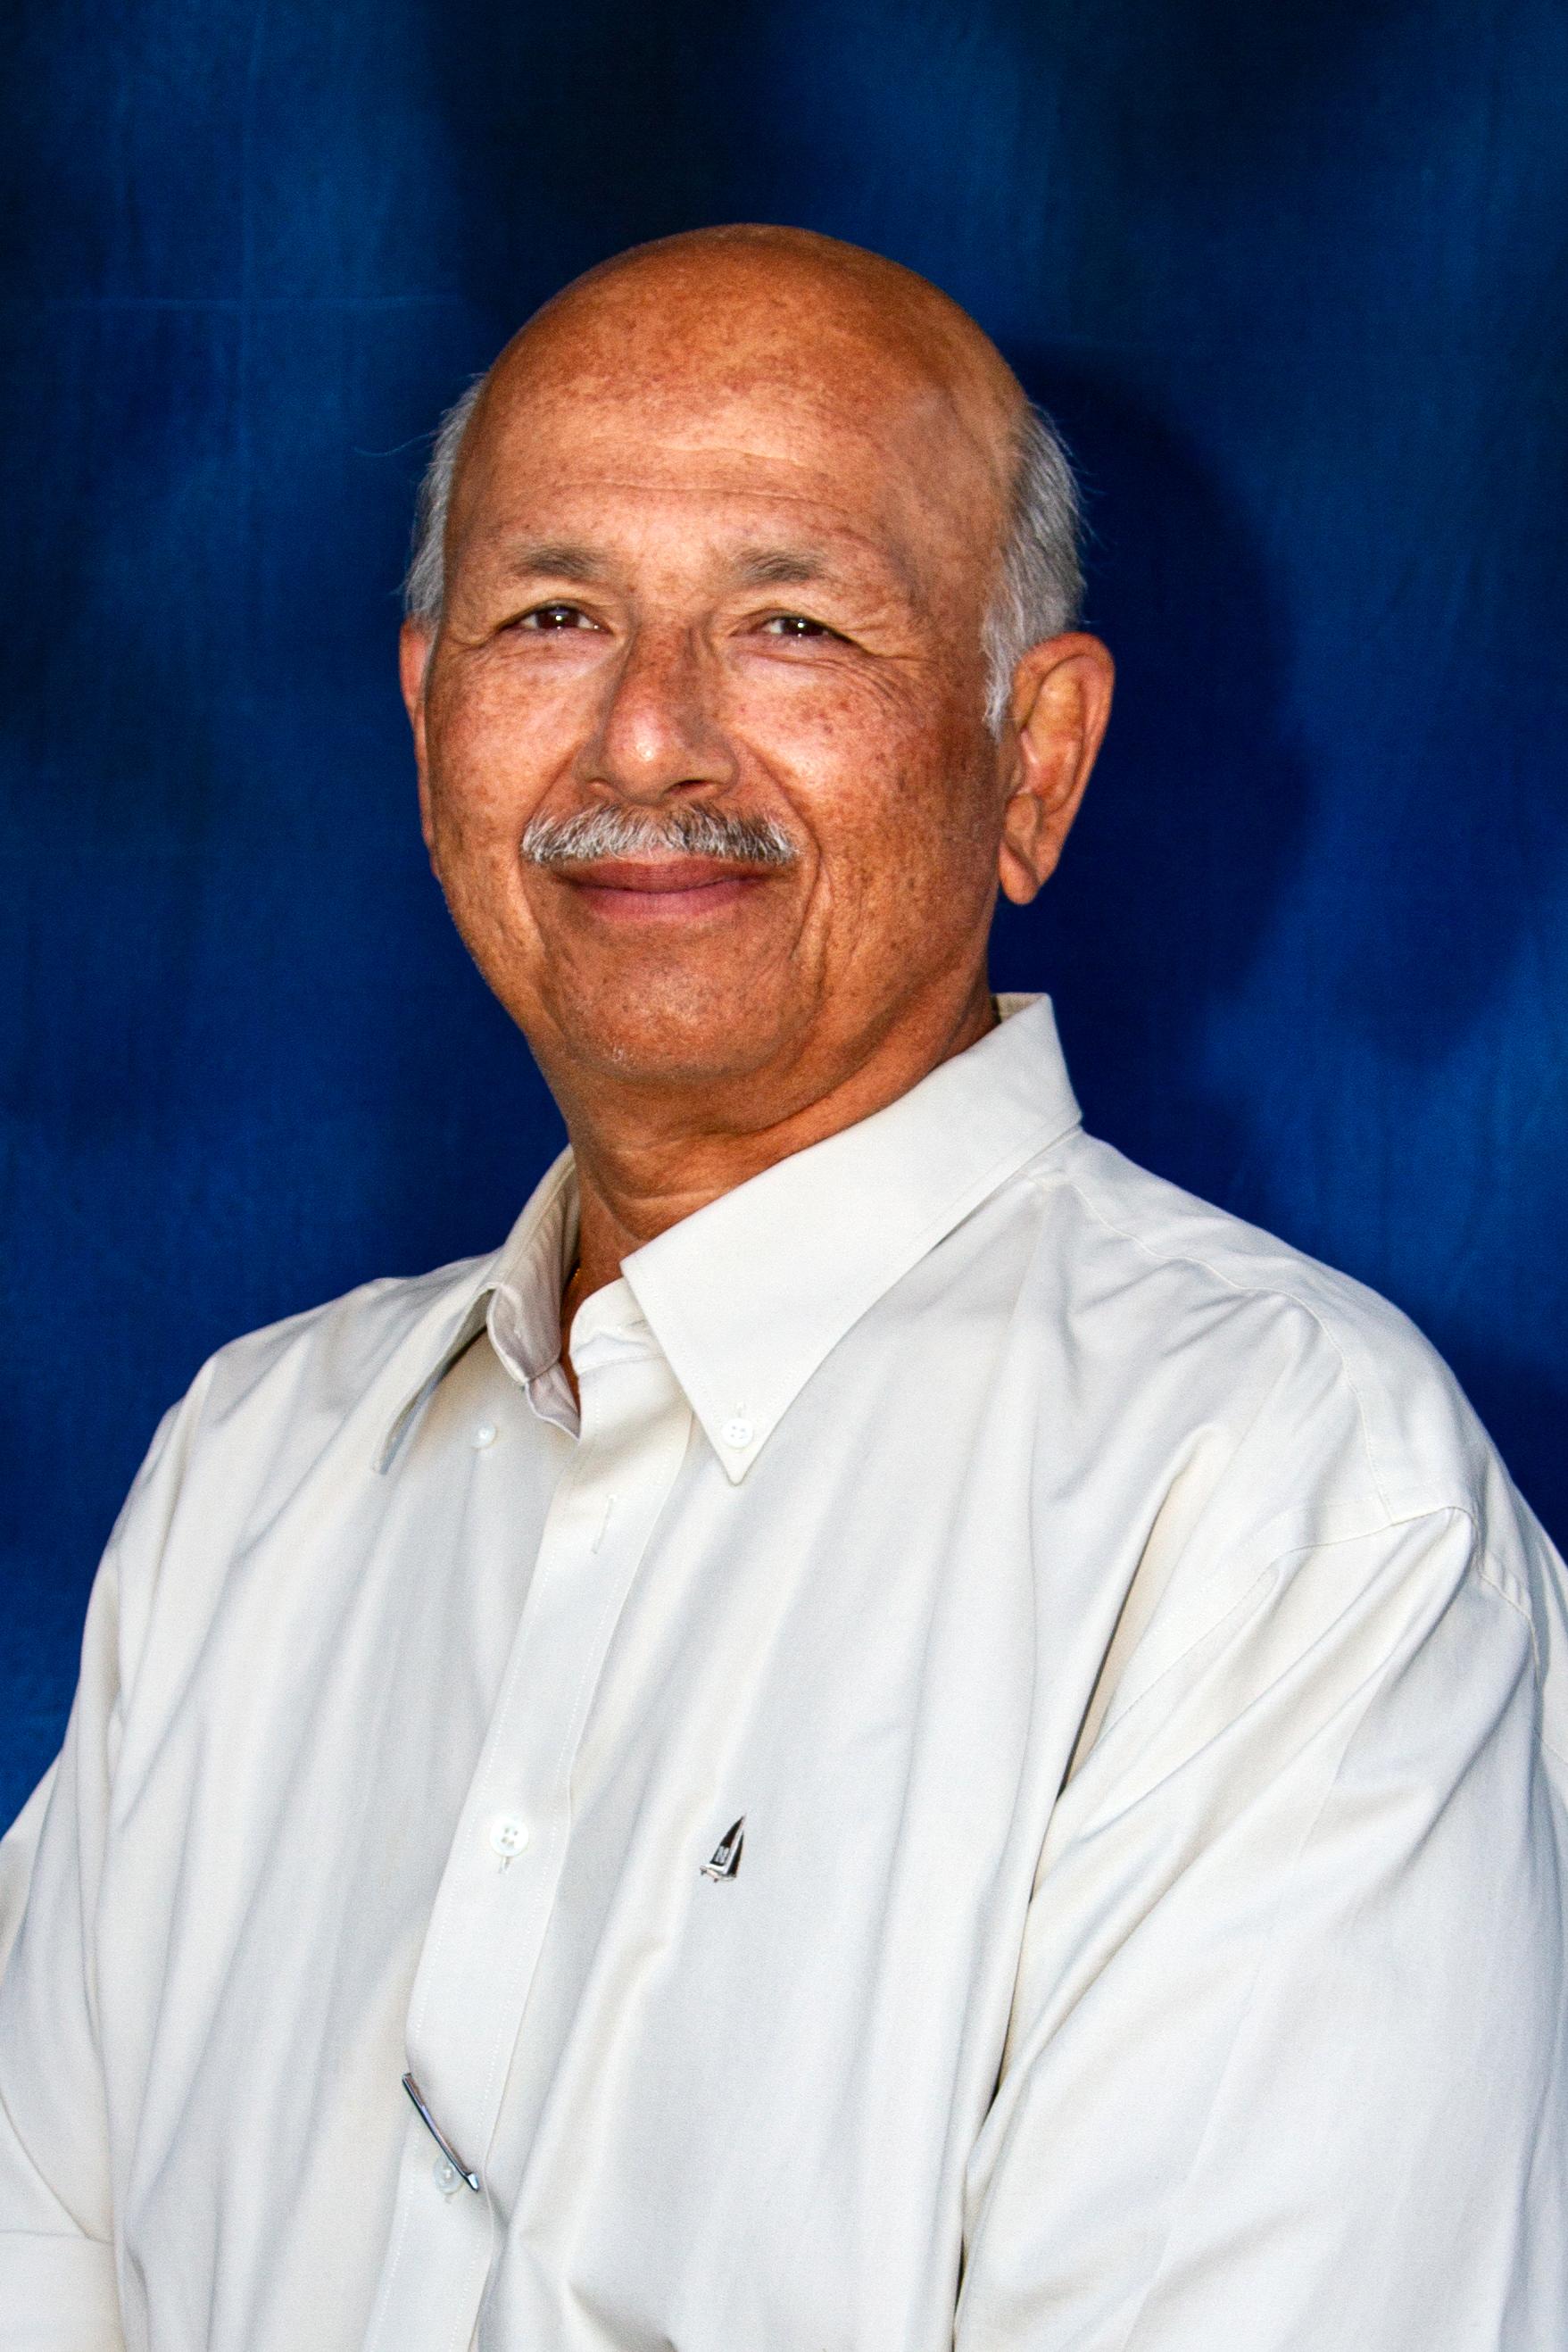 Toru Garofalo